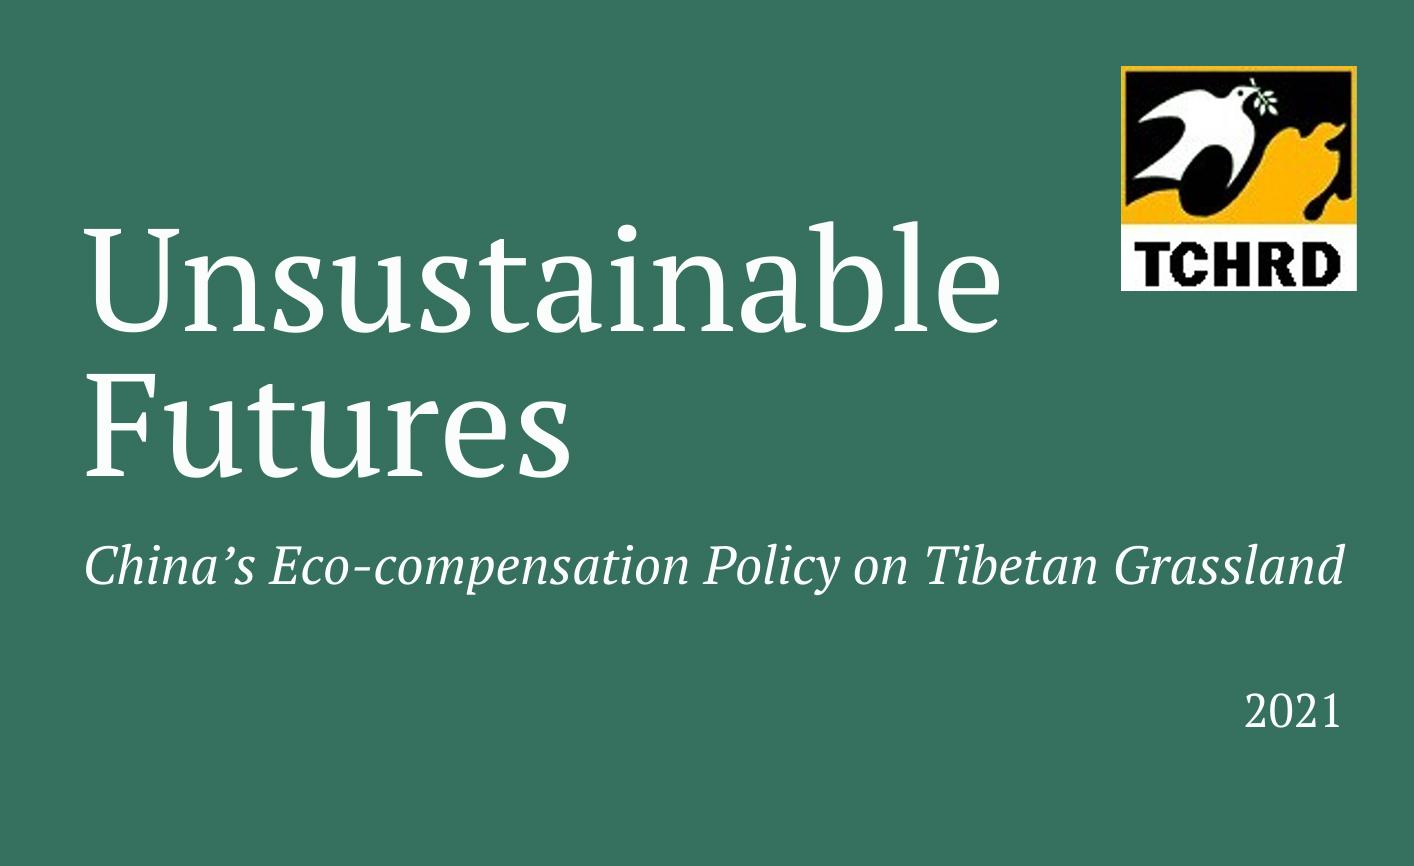 流亡人权团体披露中共对西藏环境的破坏